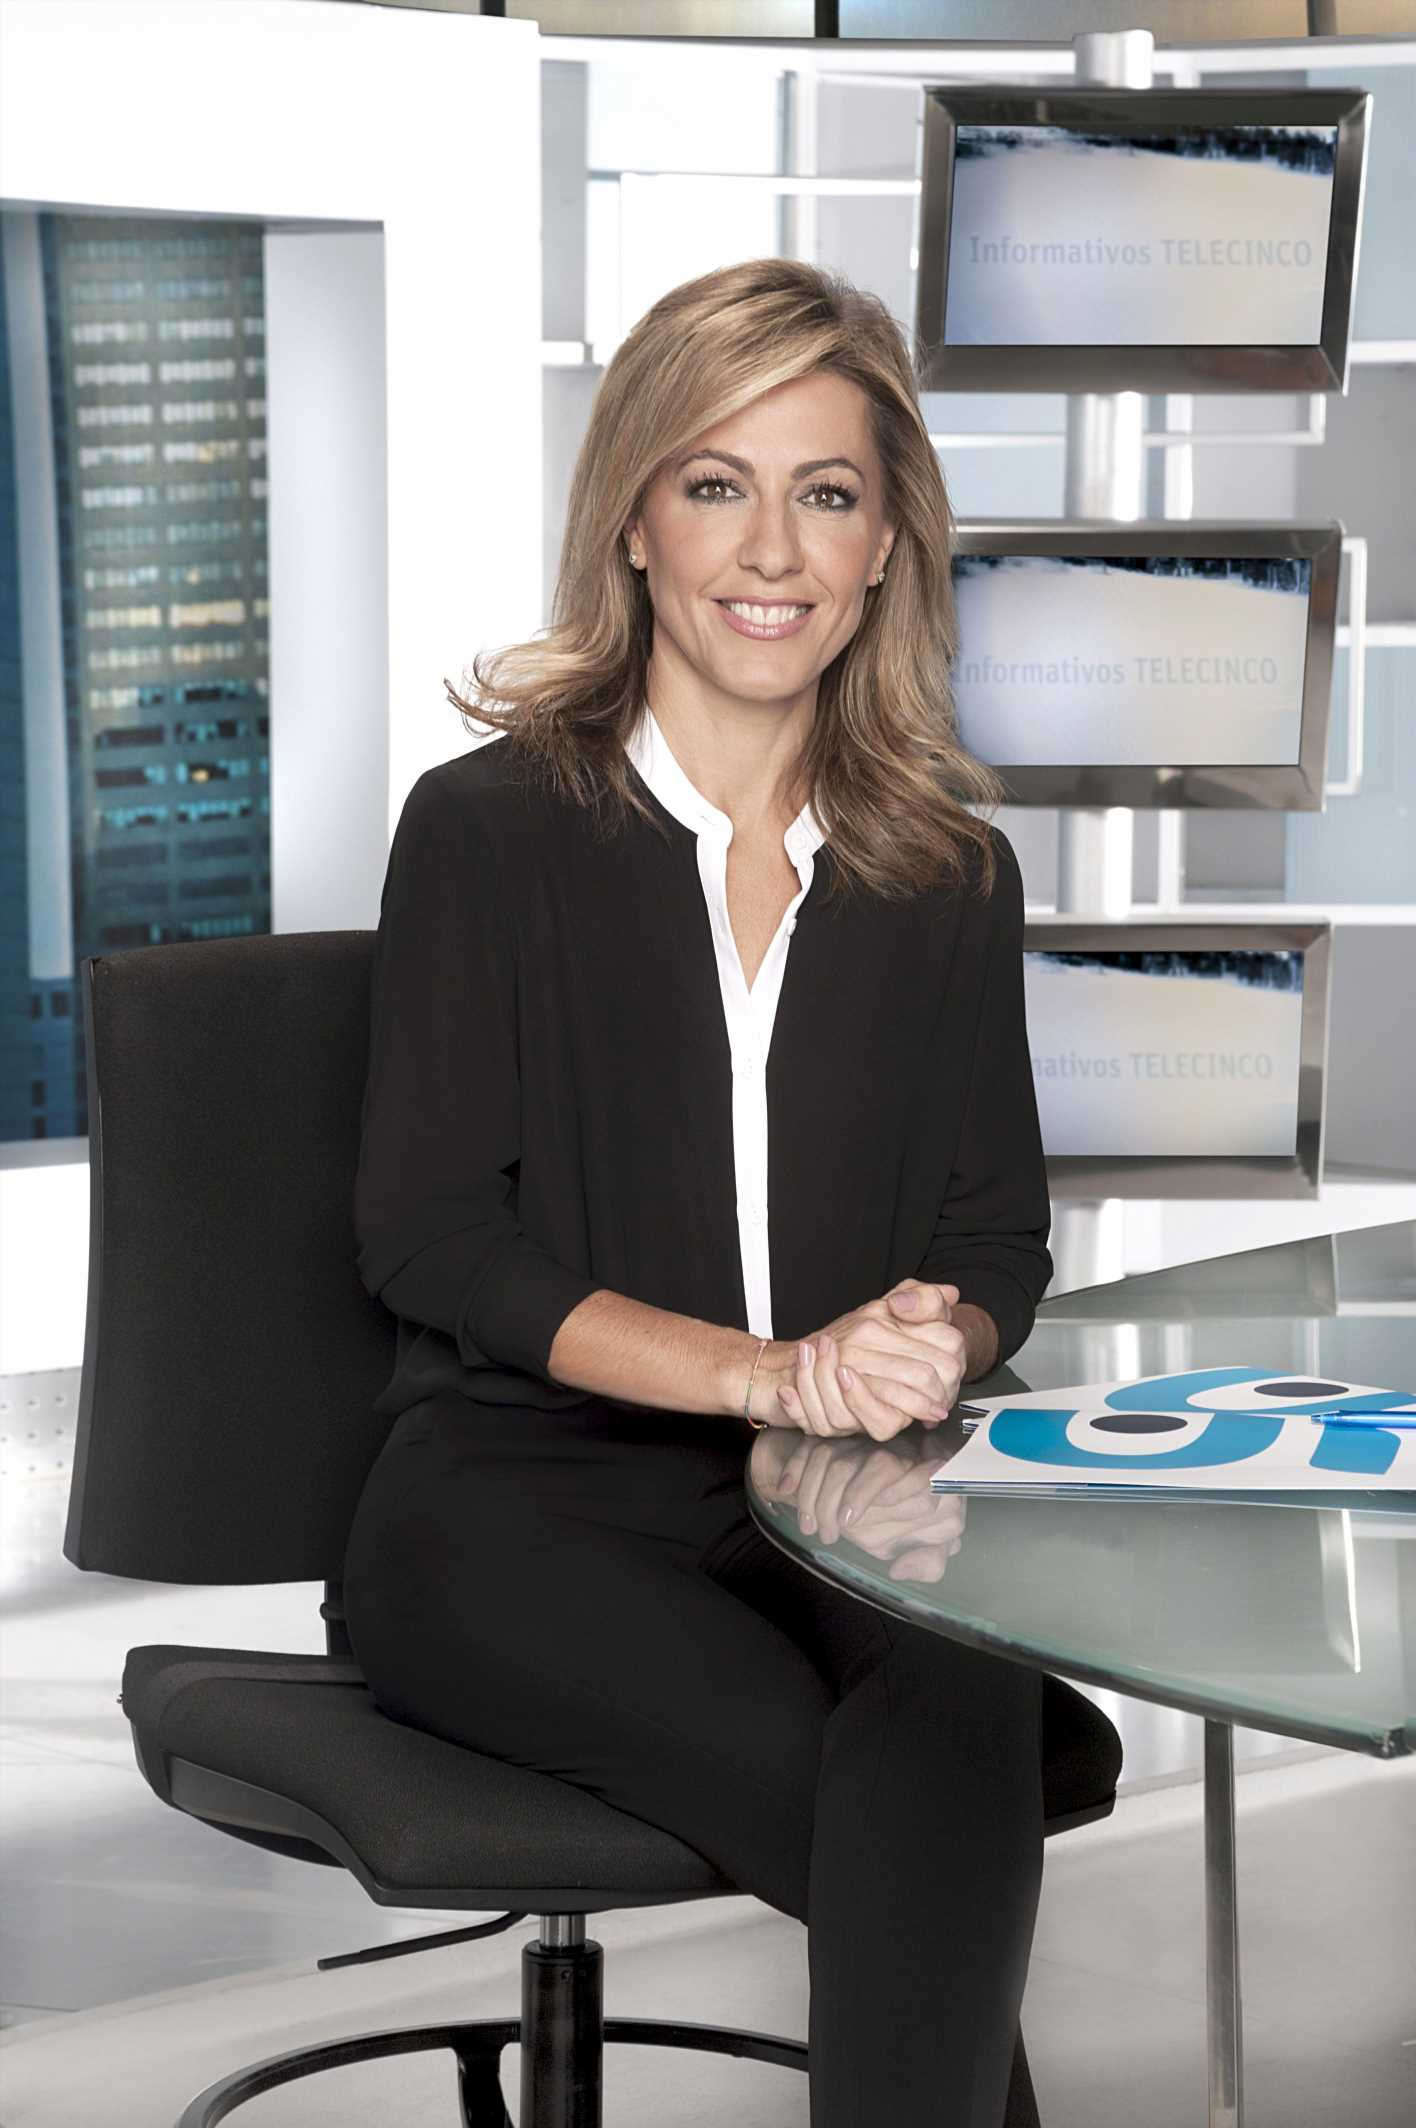 """Ángeles Blanco analiza el último año en 'Informativos Telecinco': """"Los bulos ya existían"""""""